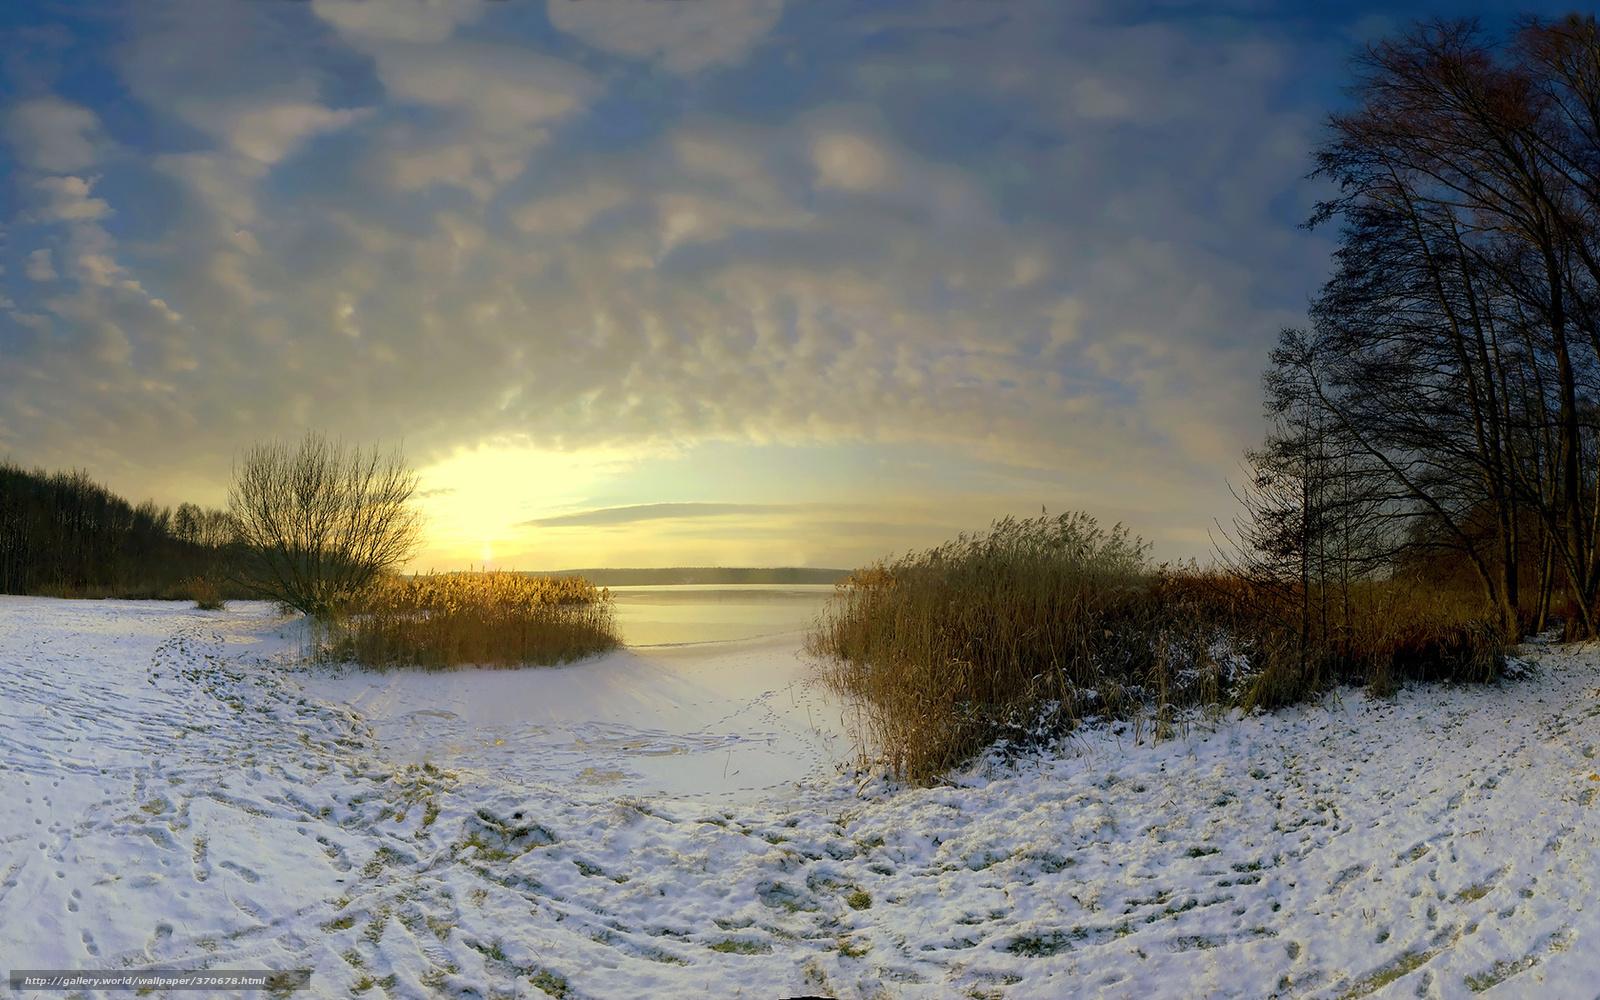 Scaricare gli sfondi paesaggi natura inverno sfondi for Desktop gratis inverno